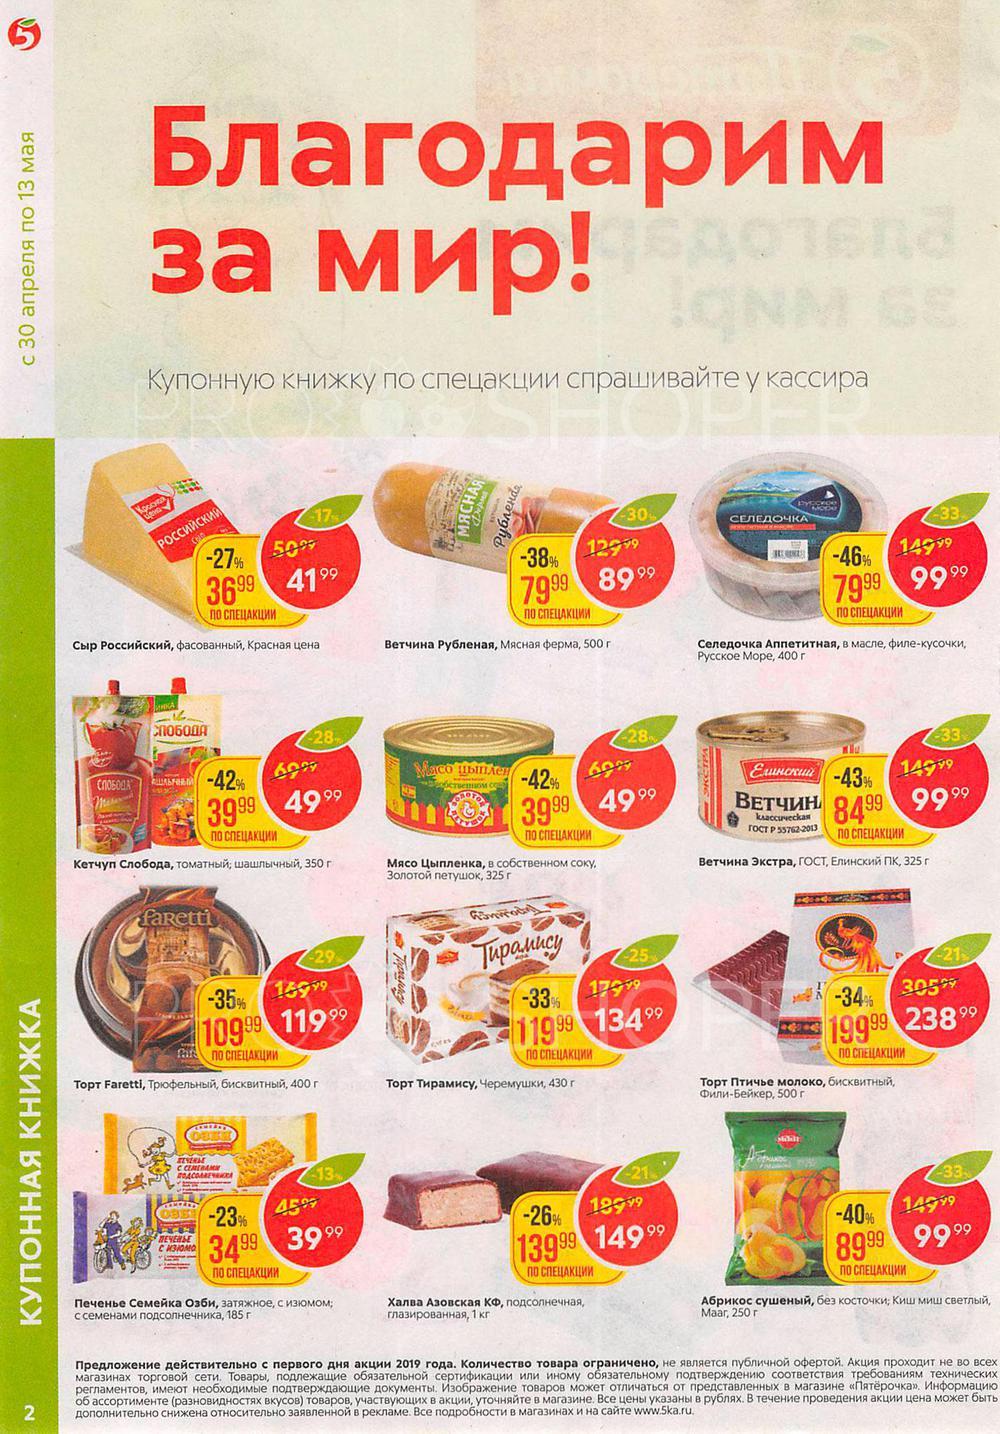 Акции в Пятерочке с 23 по 29 апреля 2019